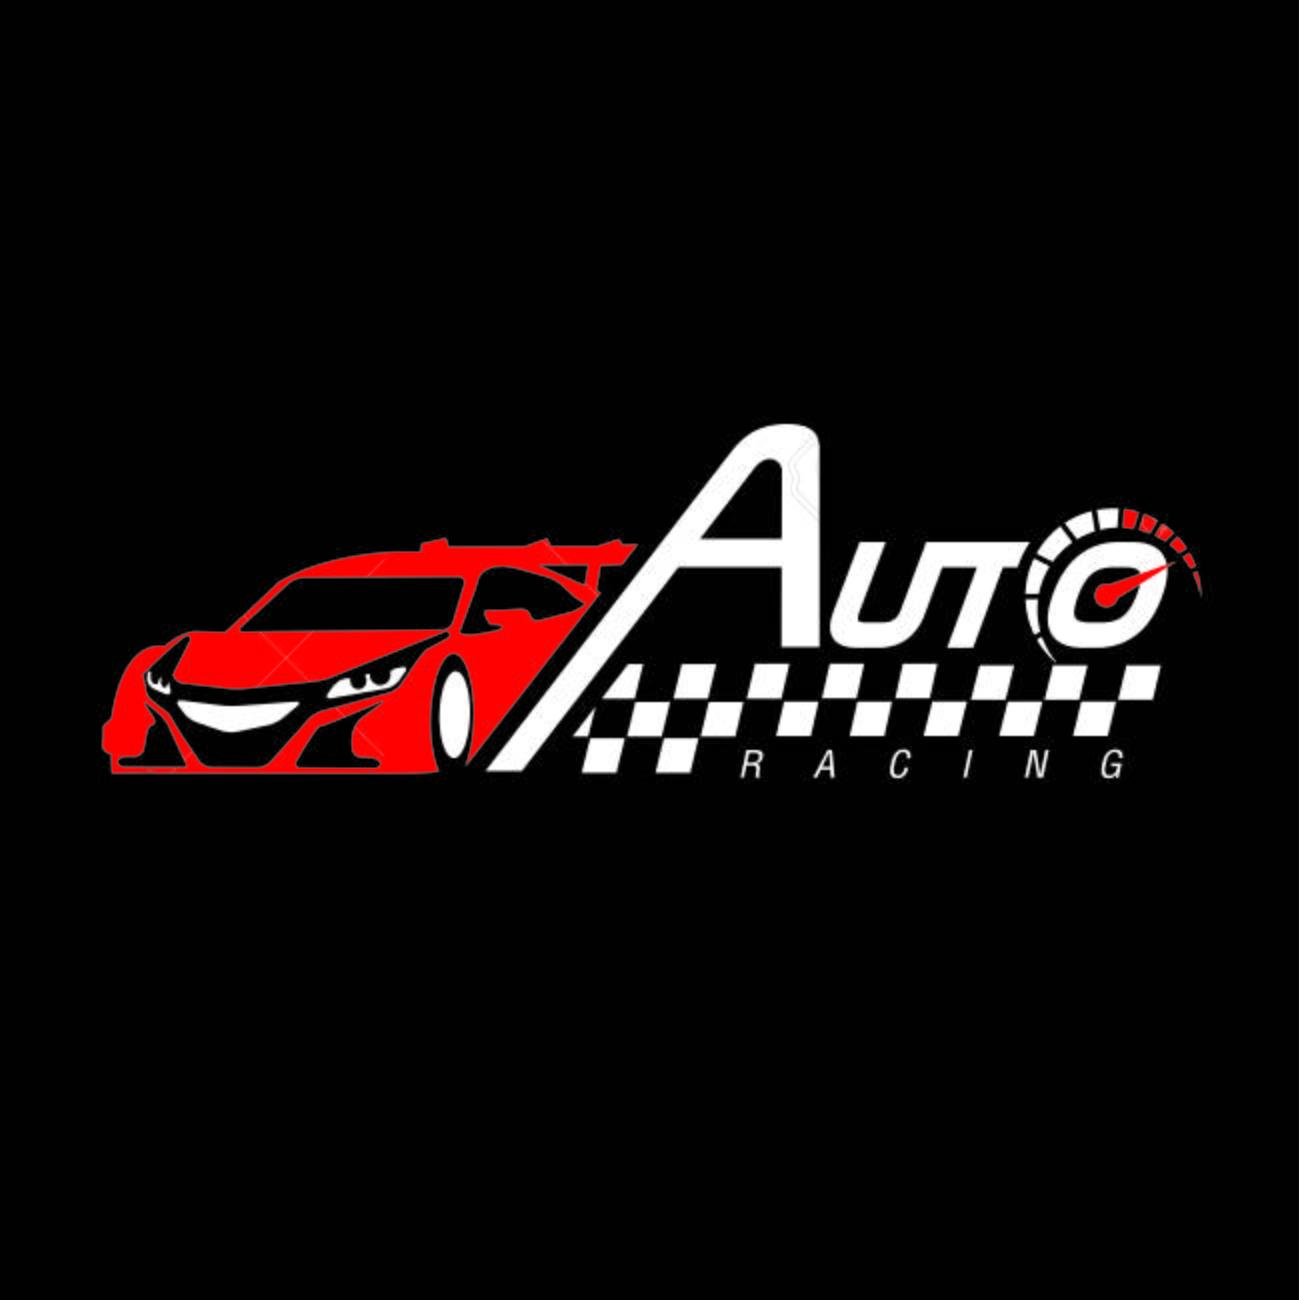 Auto racing logo vector stock vector 93888570